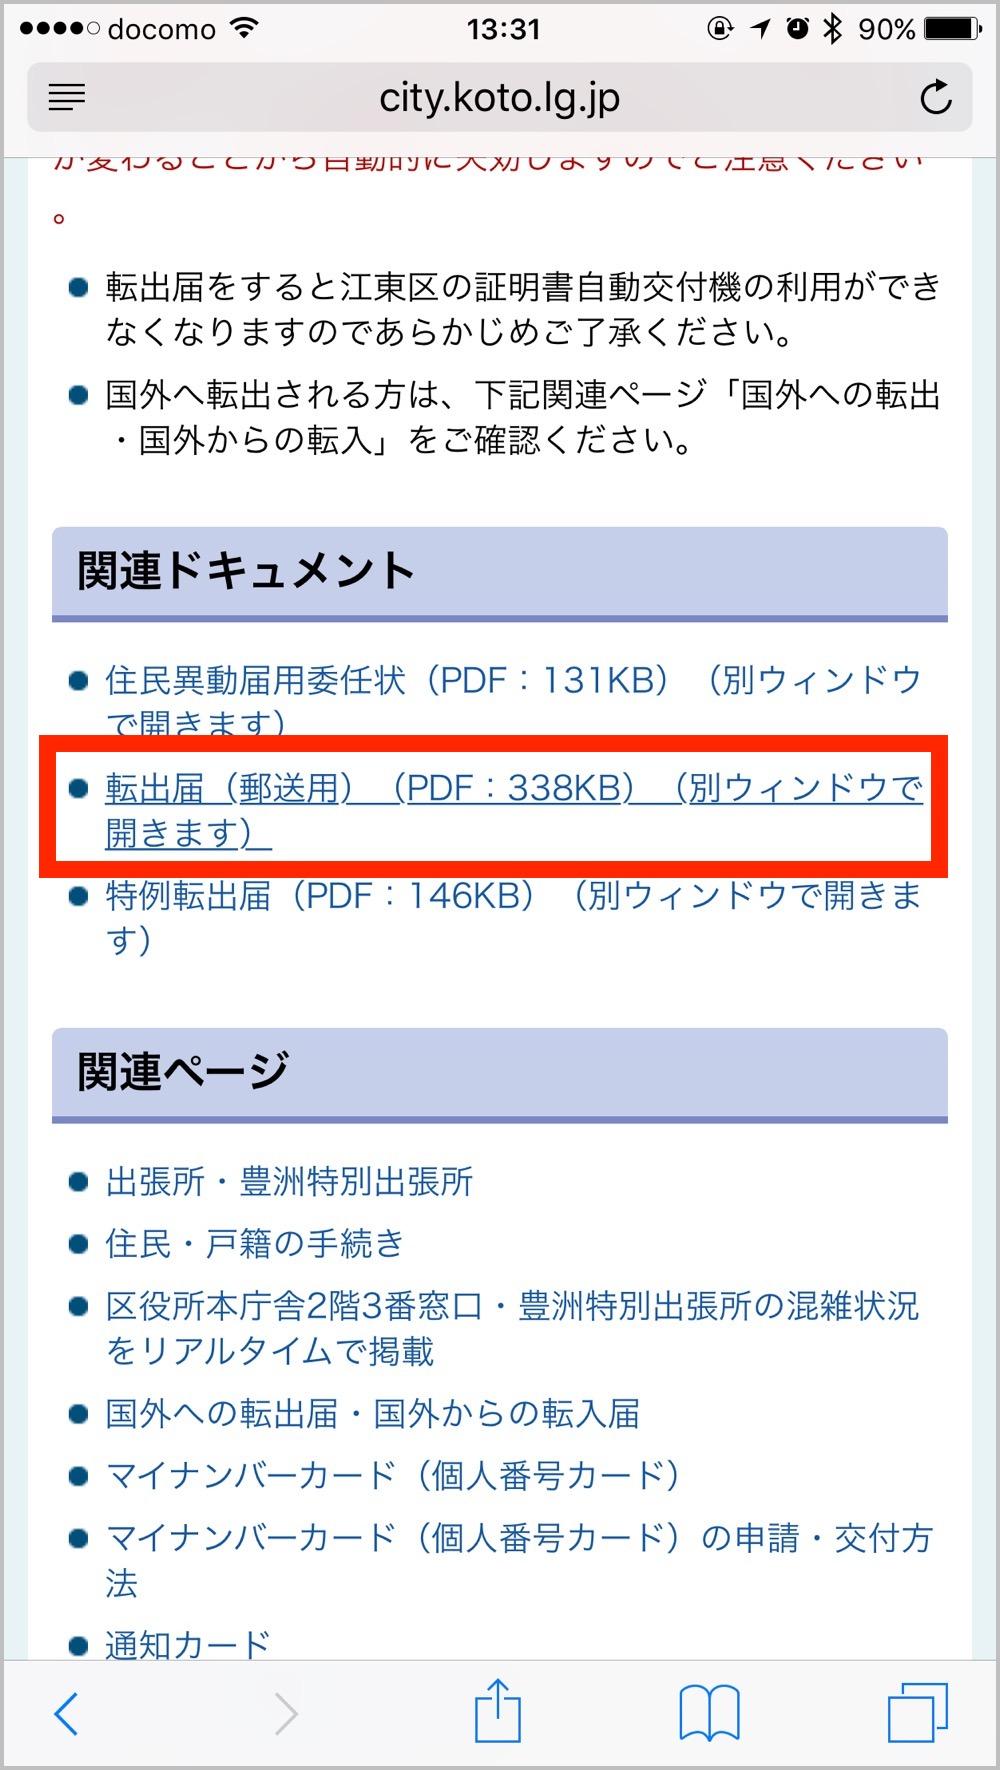 届 な もの 必要 転出 「住民異動届」のご案内|仙台市